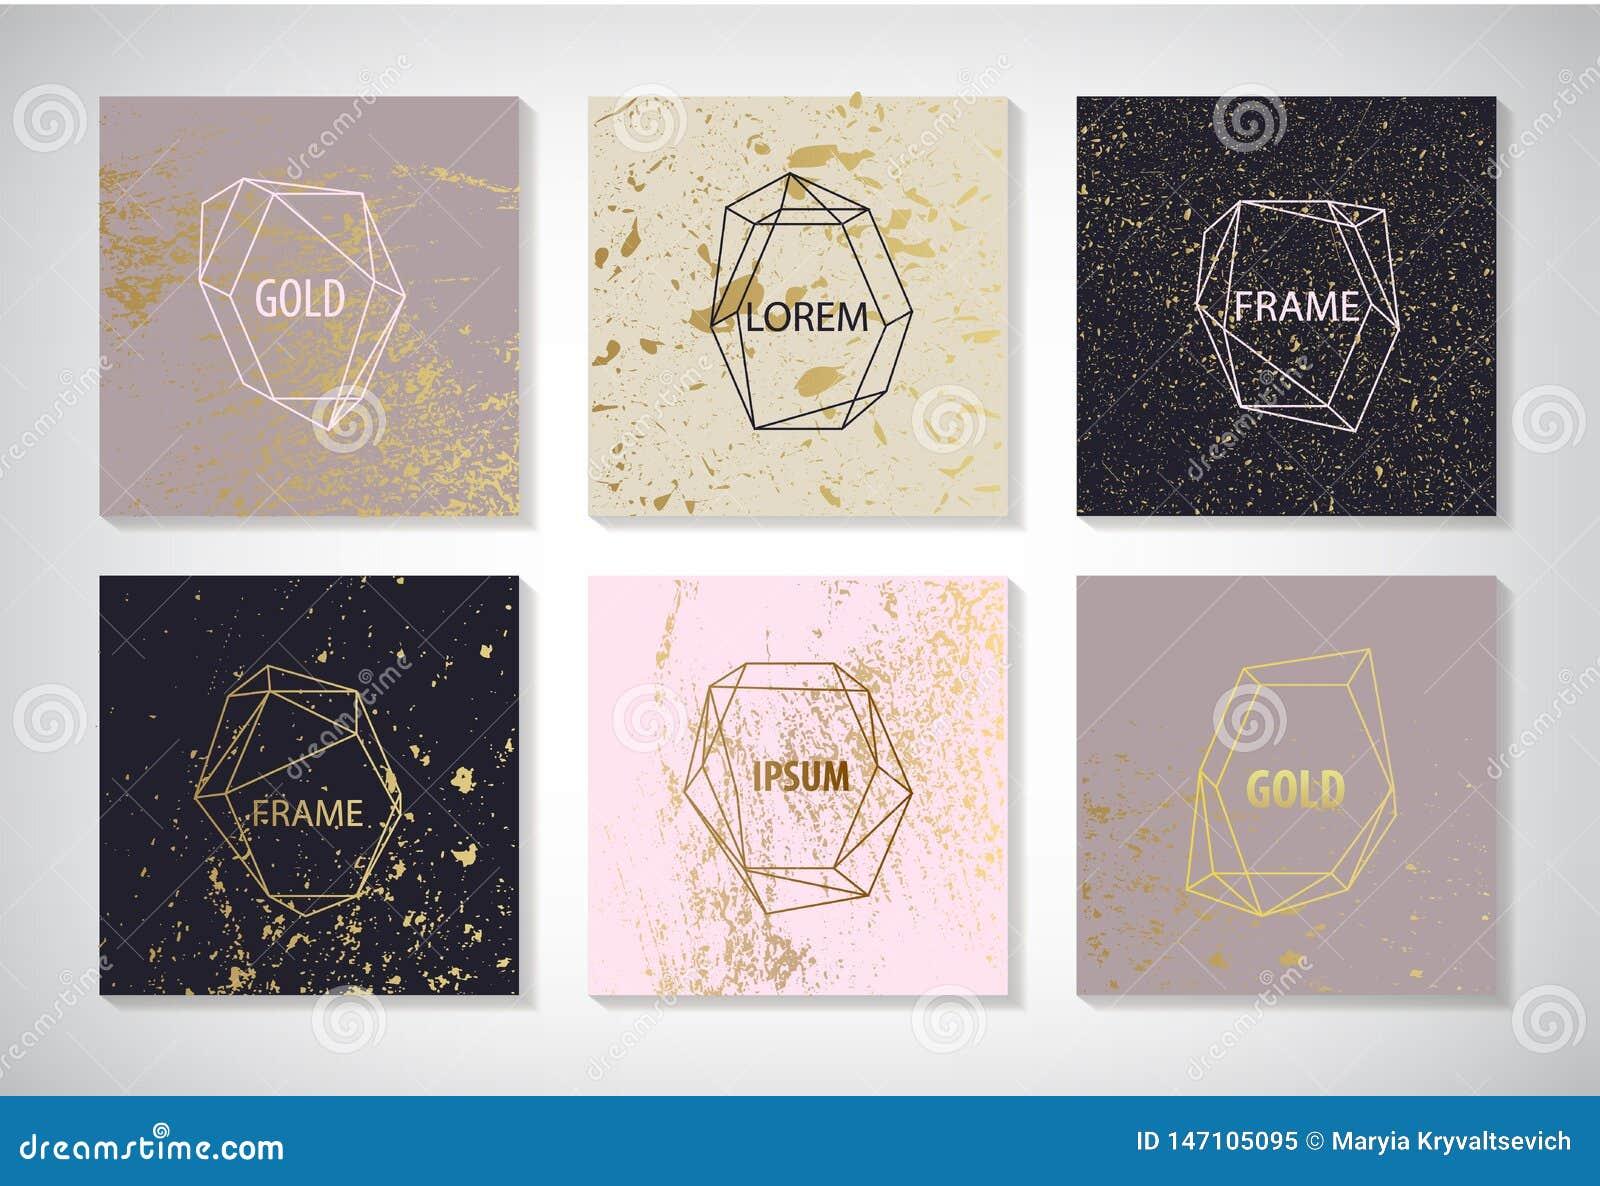 Вектор установил линии золотых рамок, карт с текстурой Приглашение свадьбы за исключением дизайна карты даты с элегантной фольгой